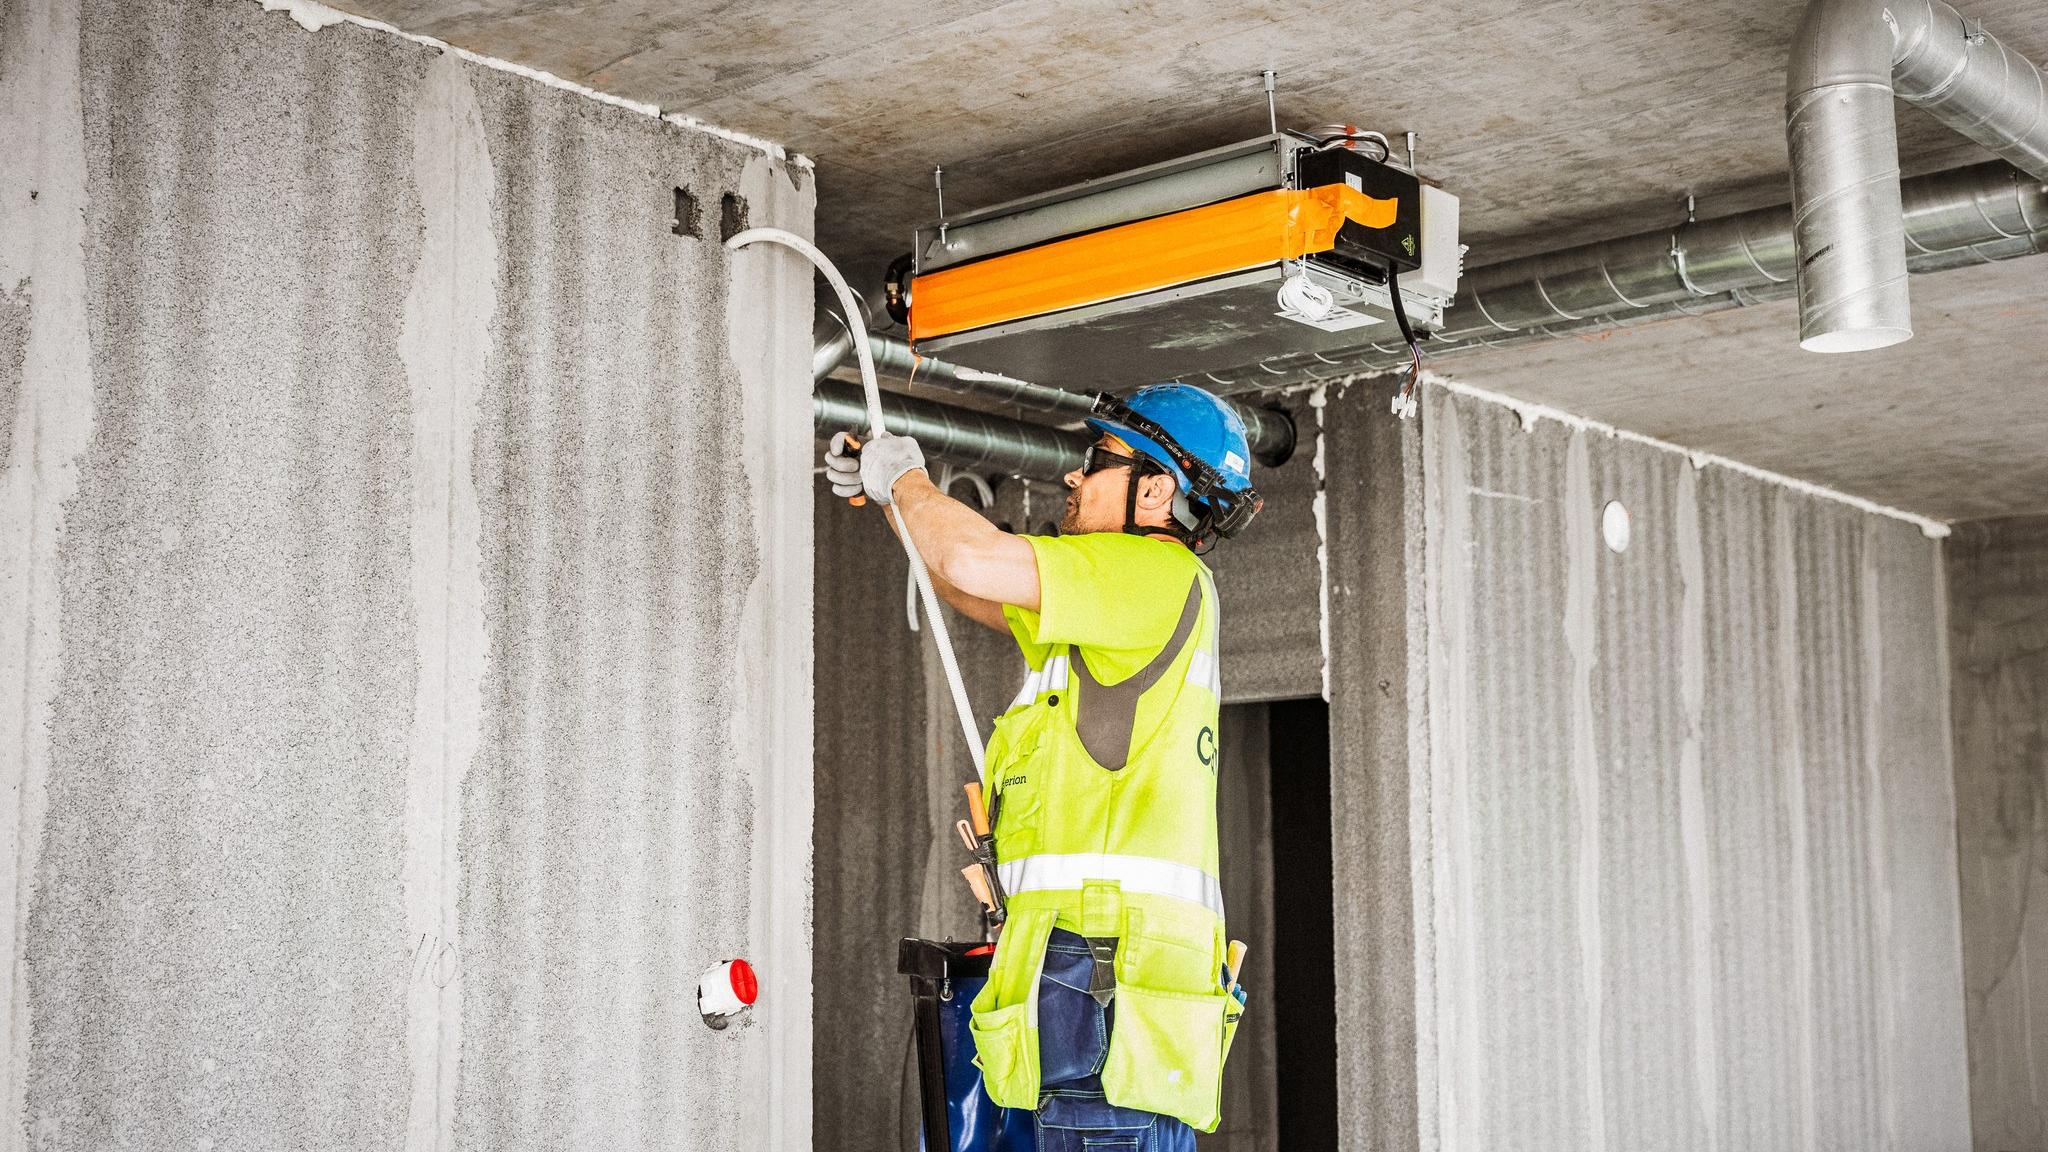 Pystysaumoista pontatuista, ontelorakenteisista ja suorista AKO Wall -elementeistä saadaan nopeasti suoraa vesieristysvalmista kivirakenteista väliseinää, jonka onteloita voidaan helposti käyttää LVIS-putkituksien asennuksiin.